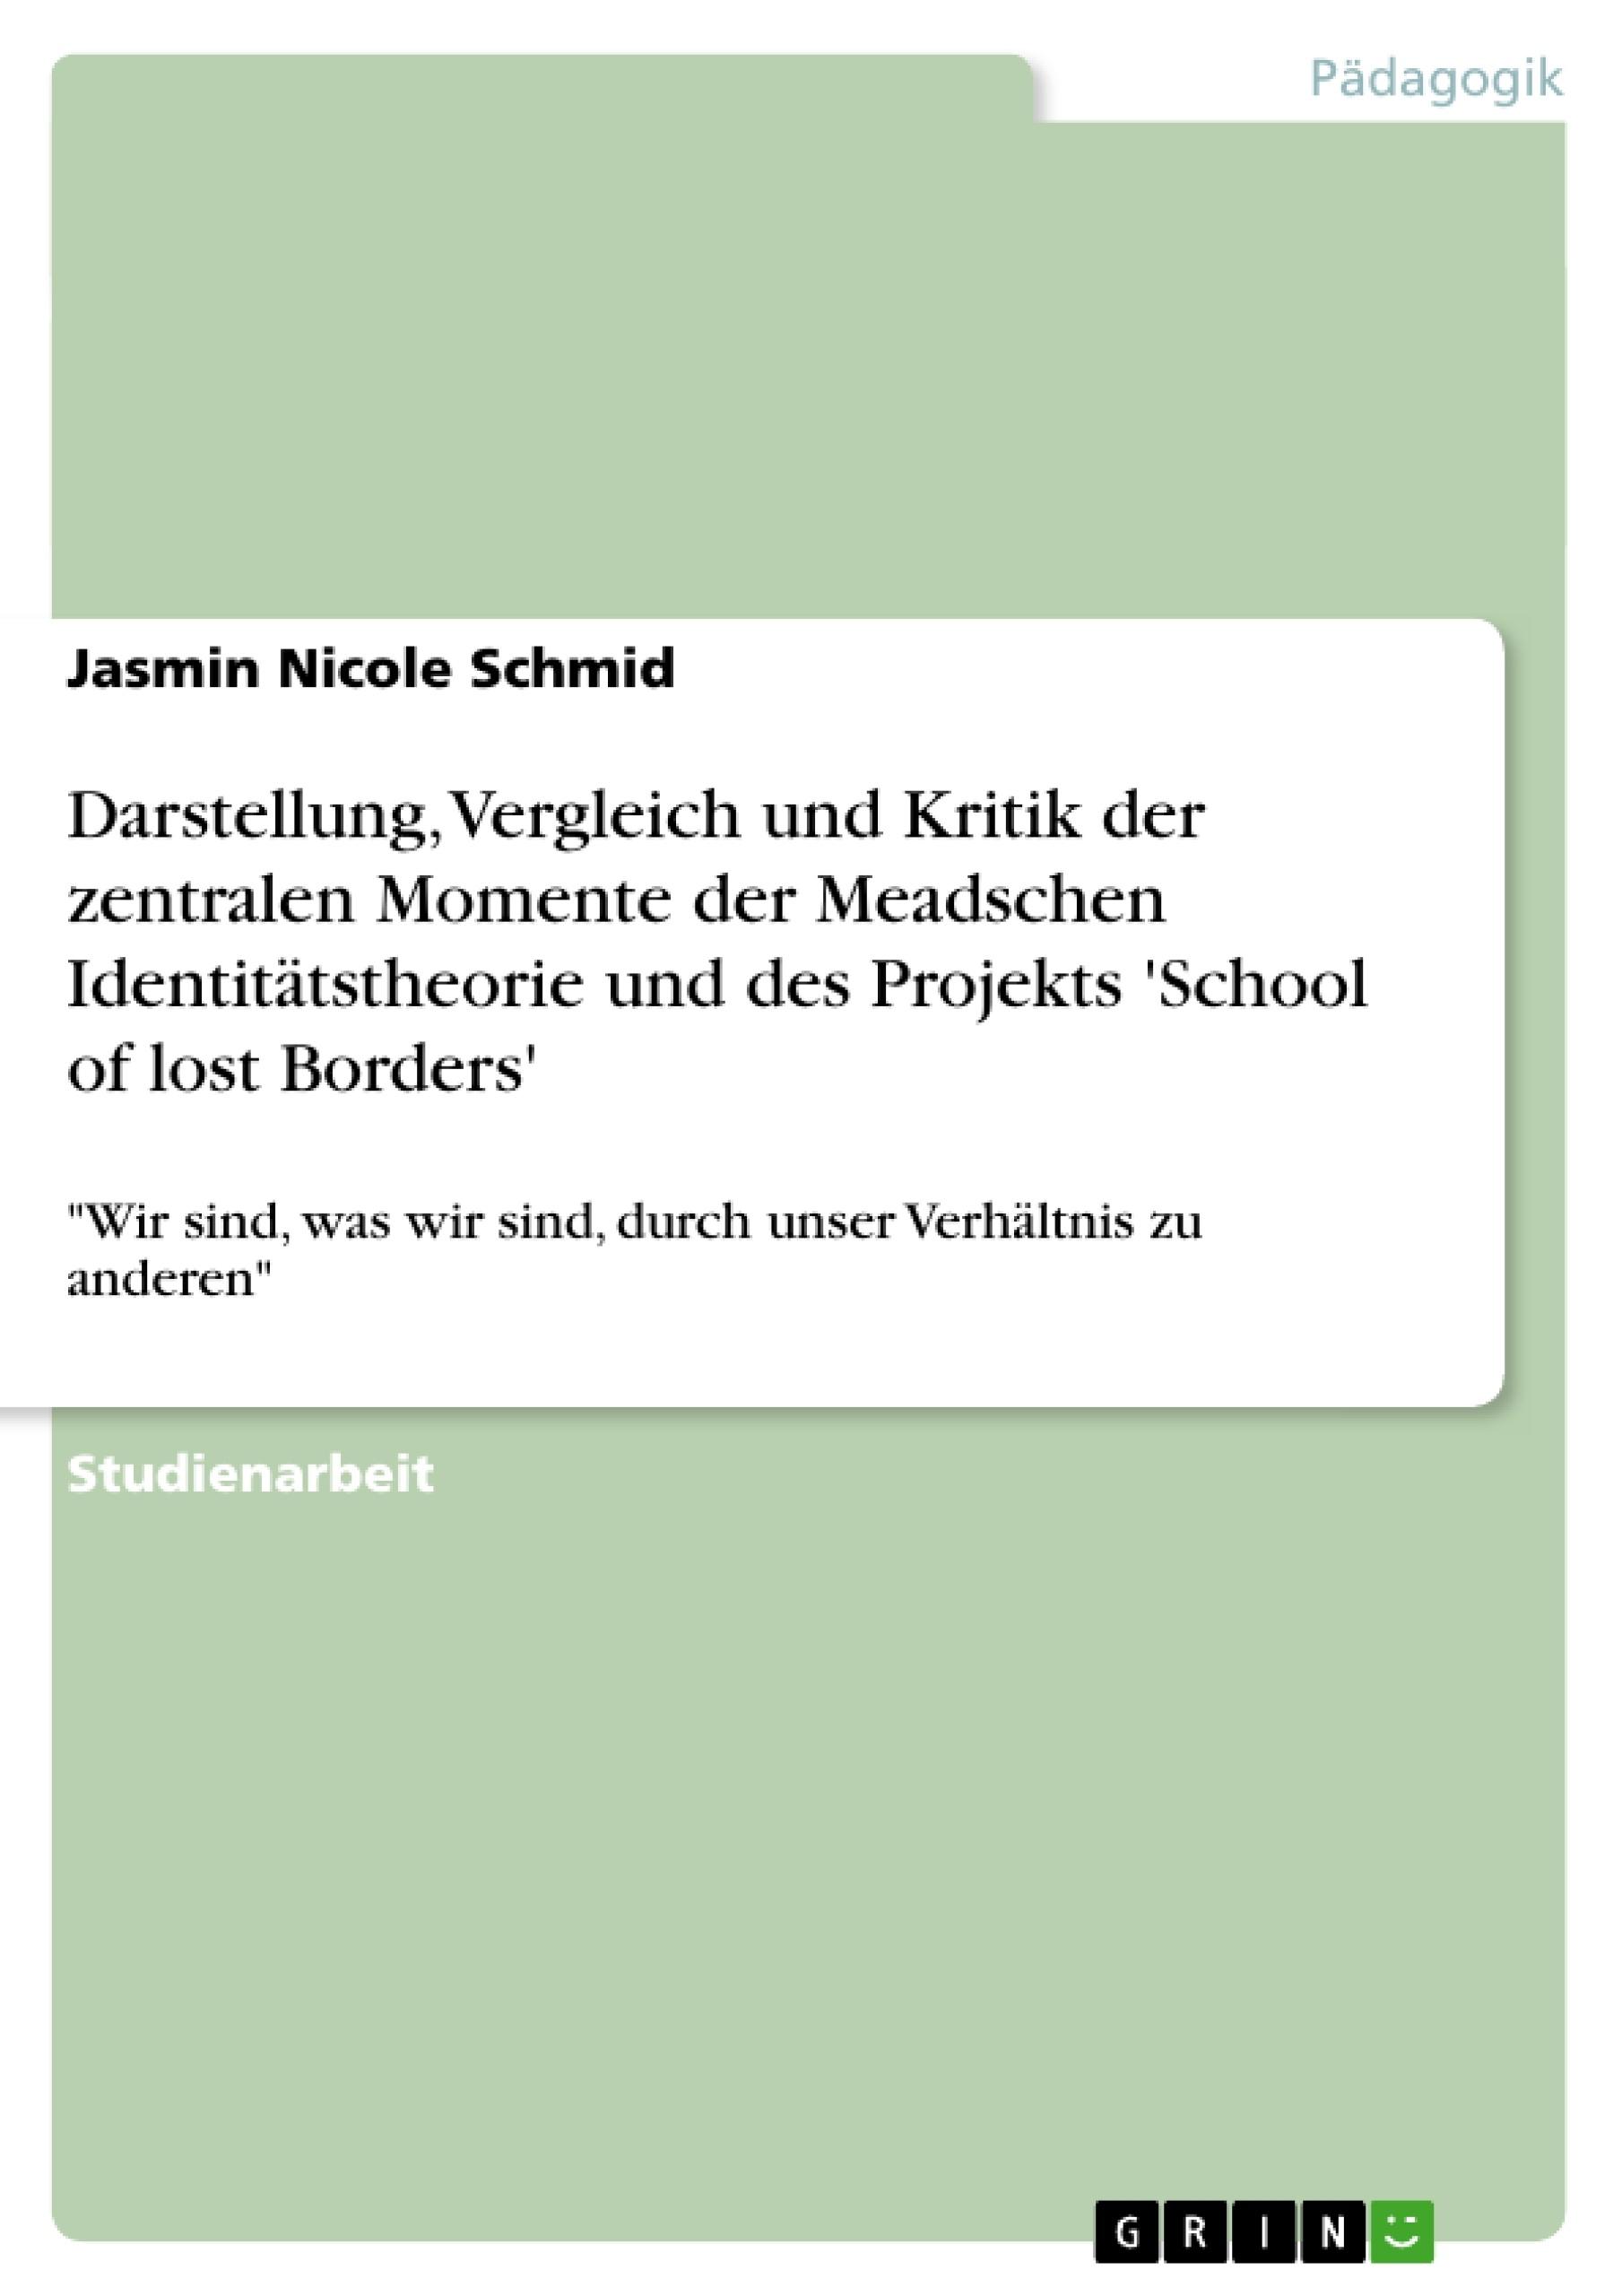 Titel: Darstellung, Vergleich und Kritik der zentralen Momente der Meadschen Identitätstheorie und des Projekts 'School of lost Borders'